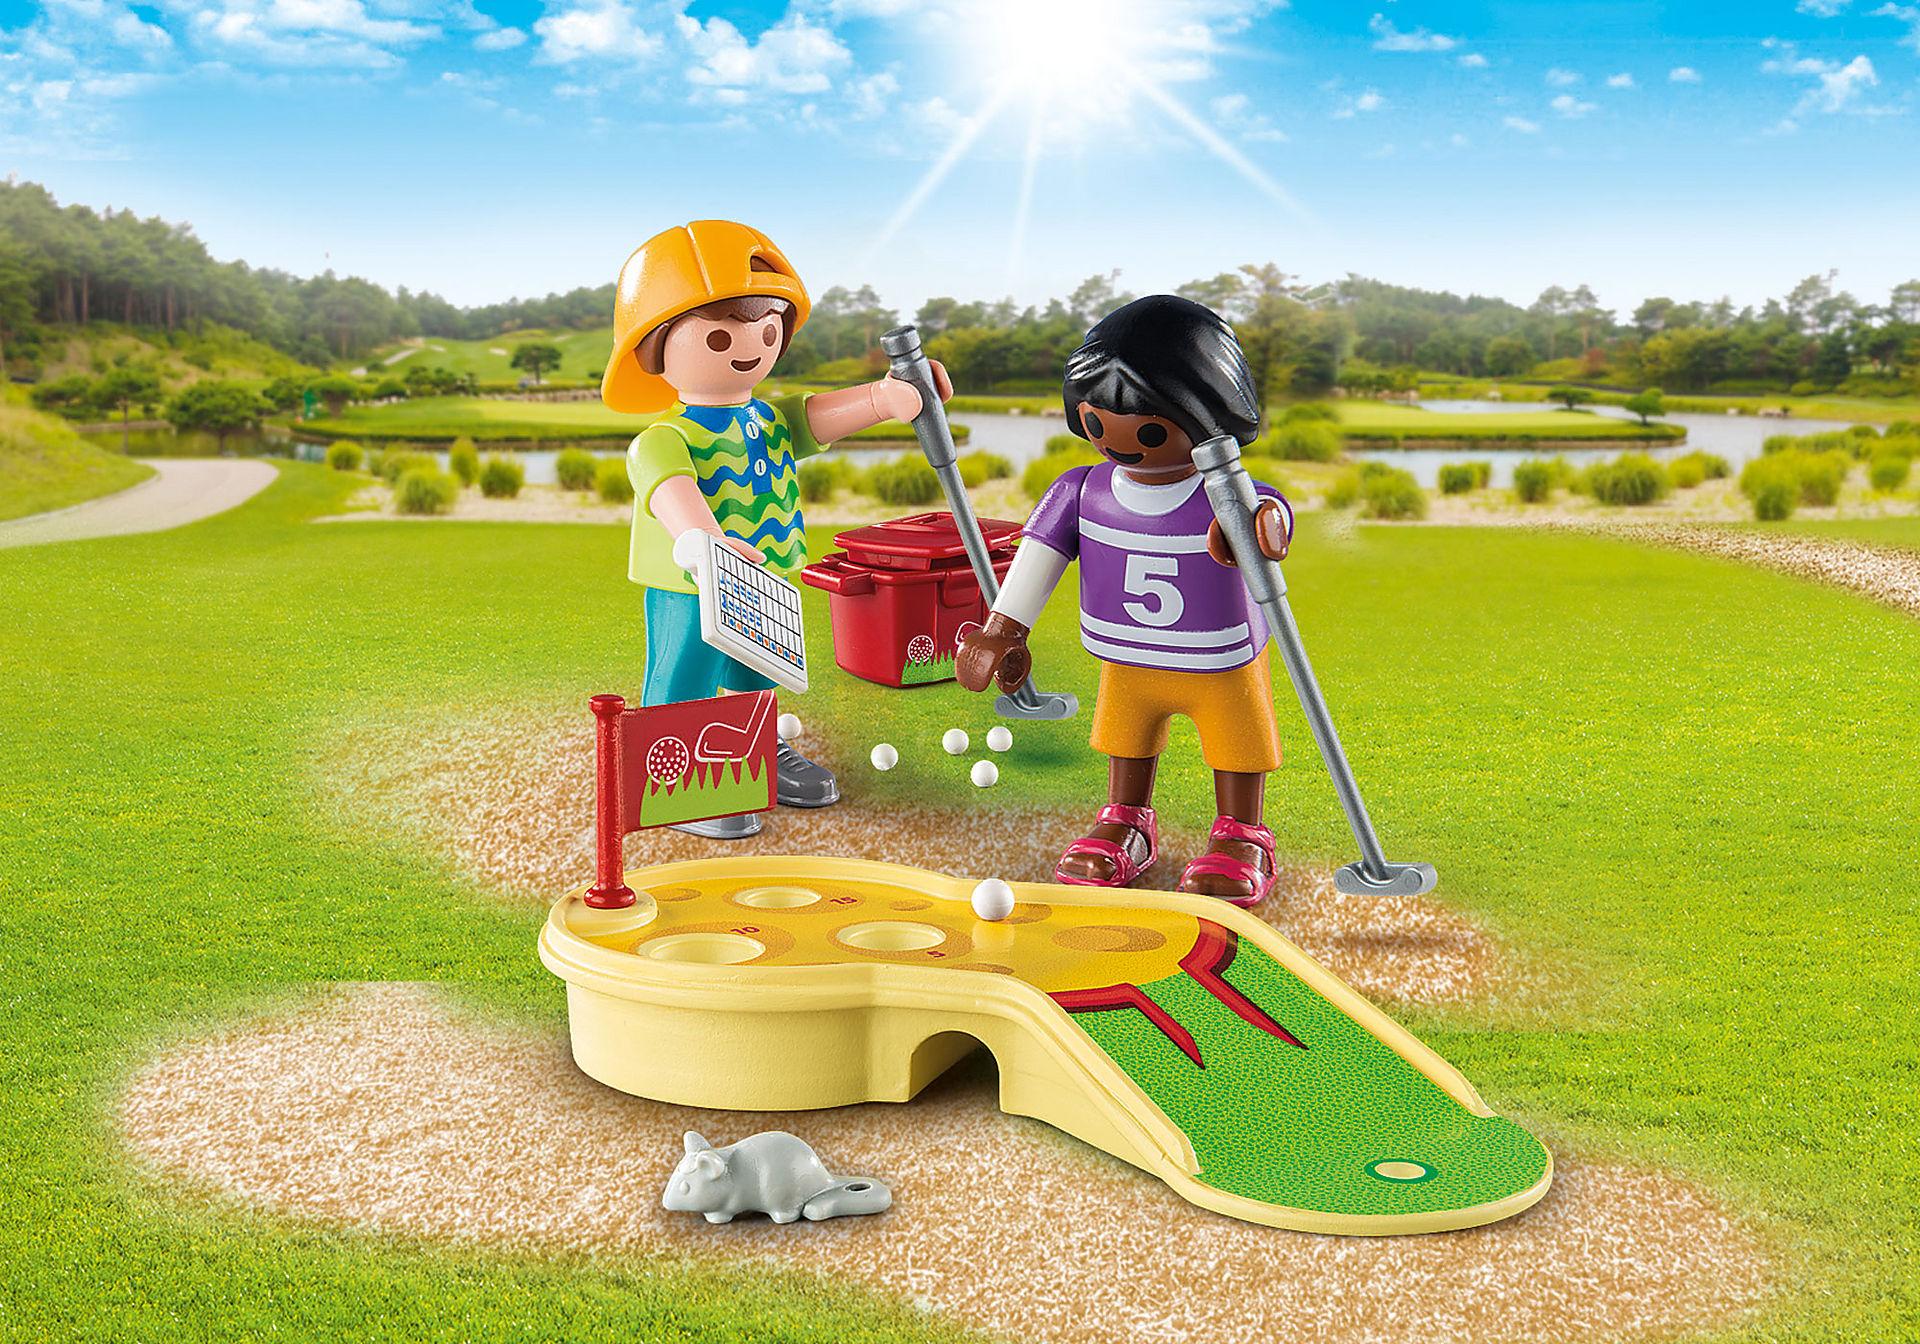 9439 Kinder beim Minigolfspiel zoom image1